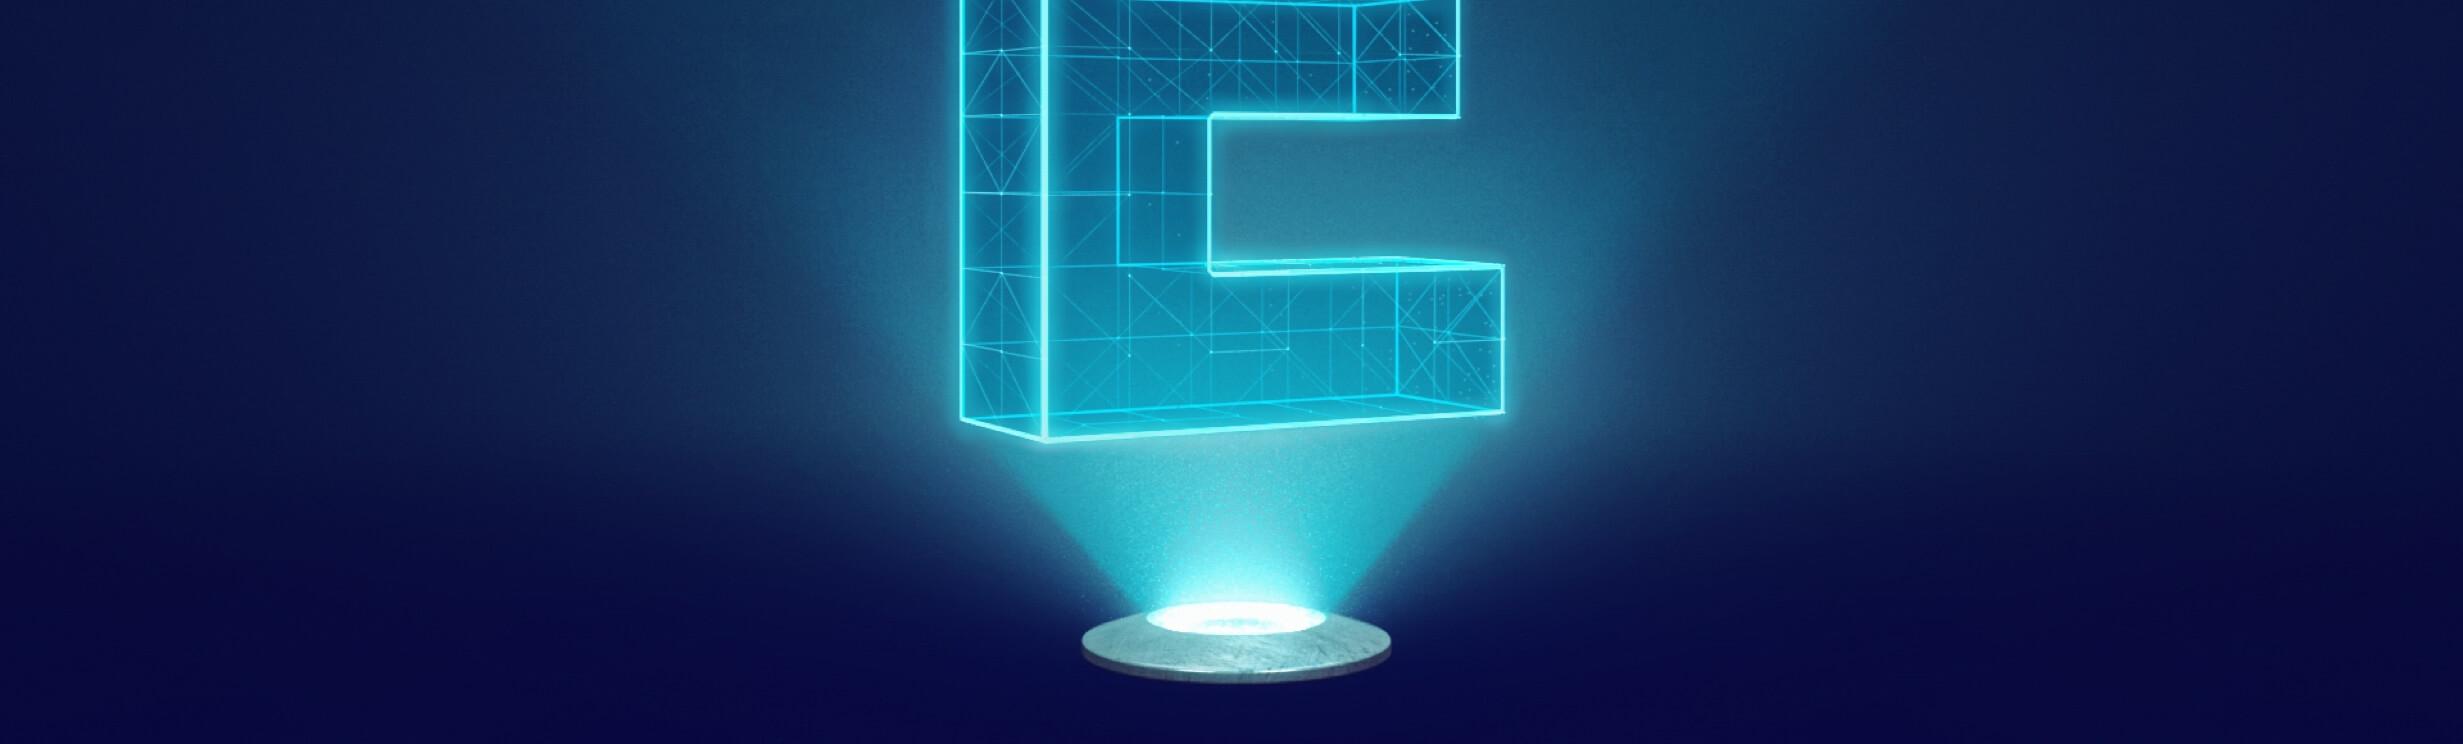 ein grosses E das beleuchtet wird